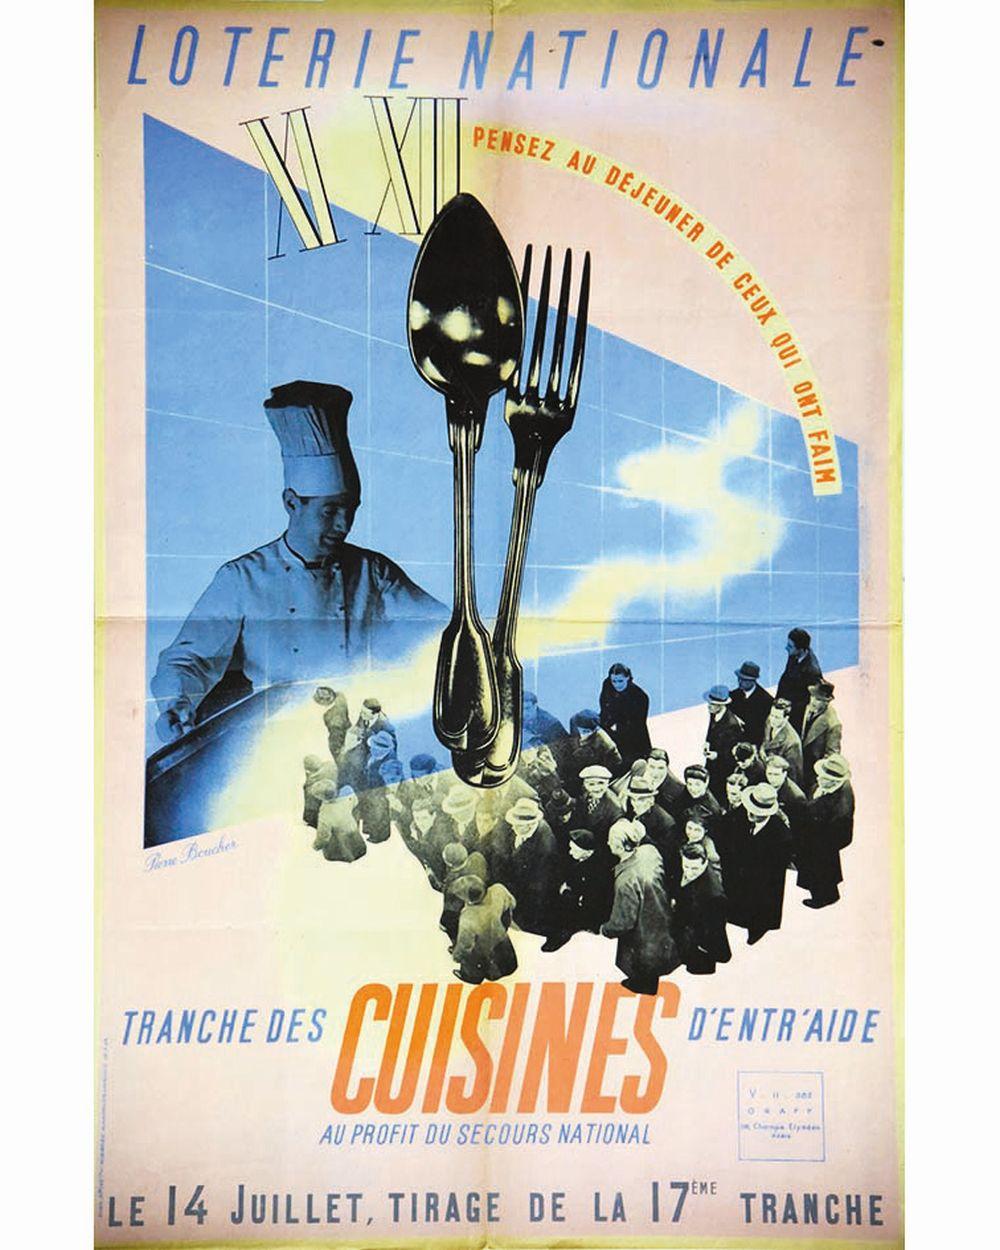 BOUCHER PIERRE - Cuisines d'entraide - Pensez au déjeuner de ceux qui ont faim (Chefs) Loterie Nationale     1943